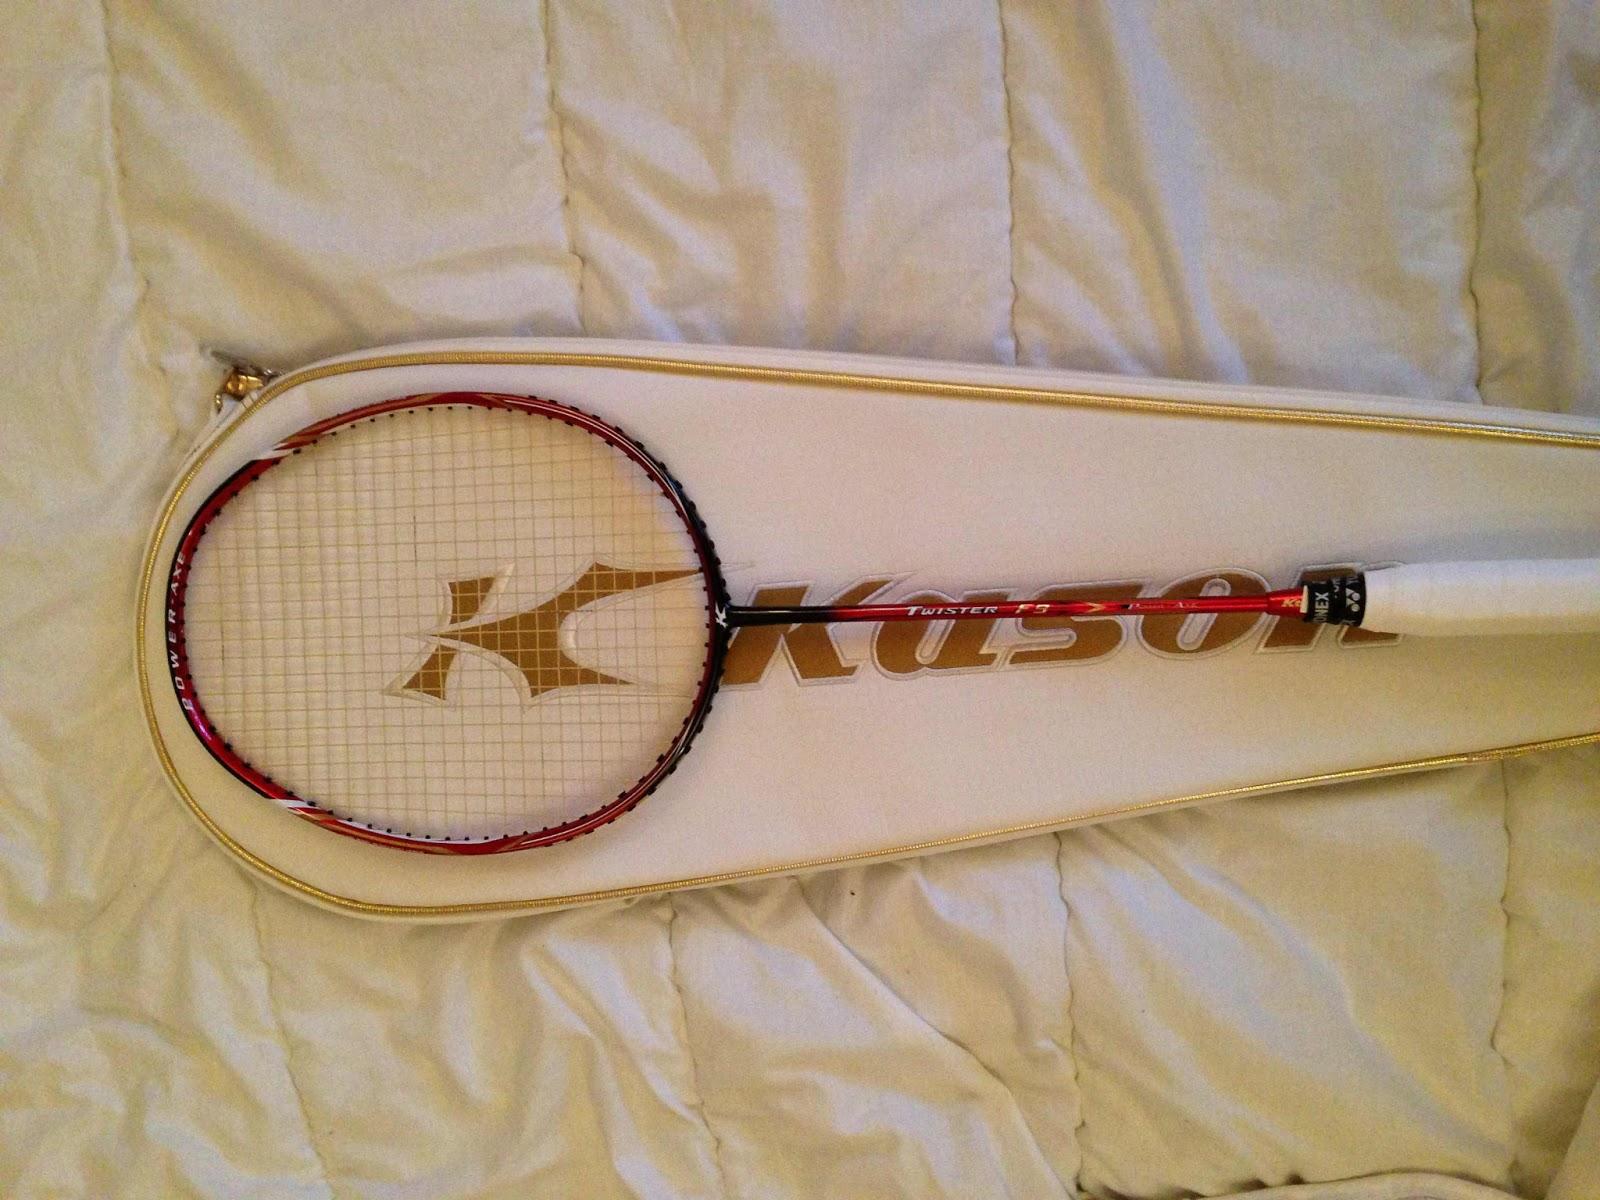 4 Joueur Badminton Set Pro Baseline Net raquettes Raquettes Volants Sport Nouveau